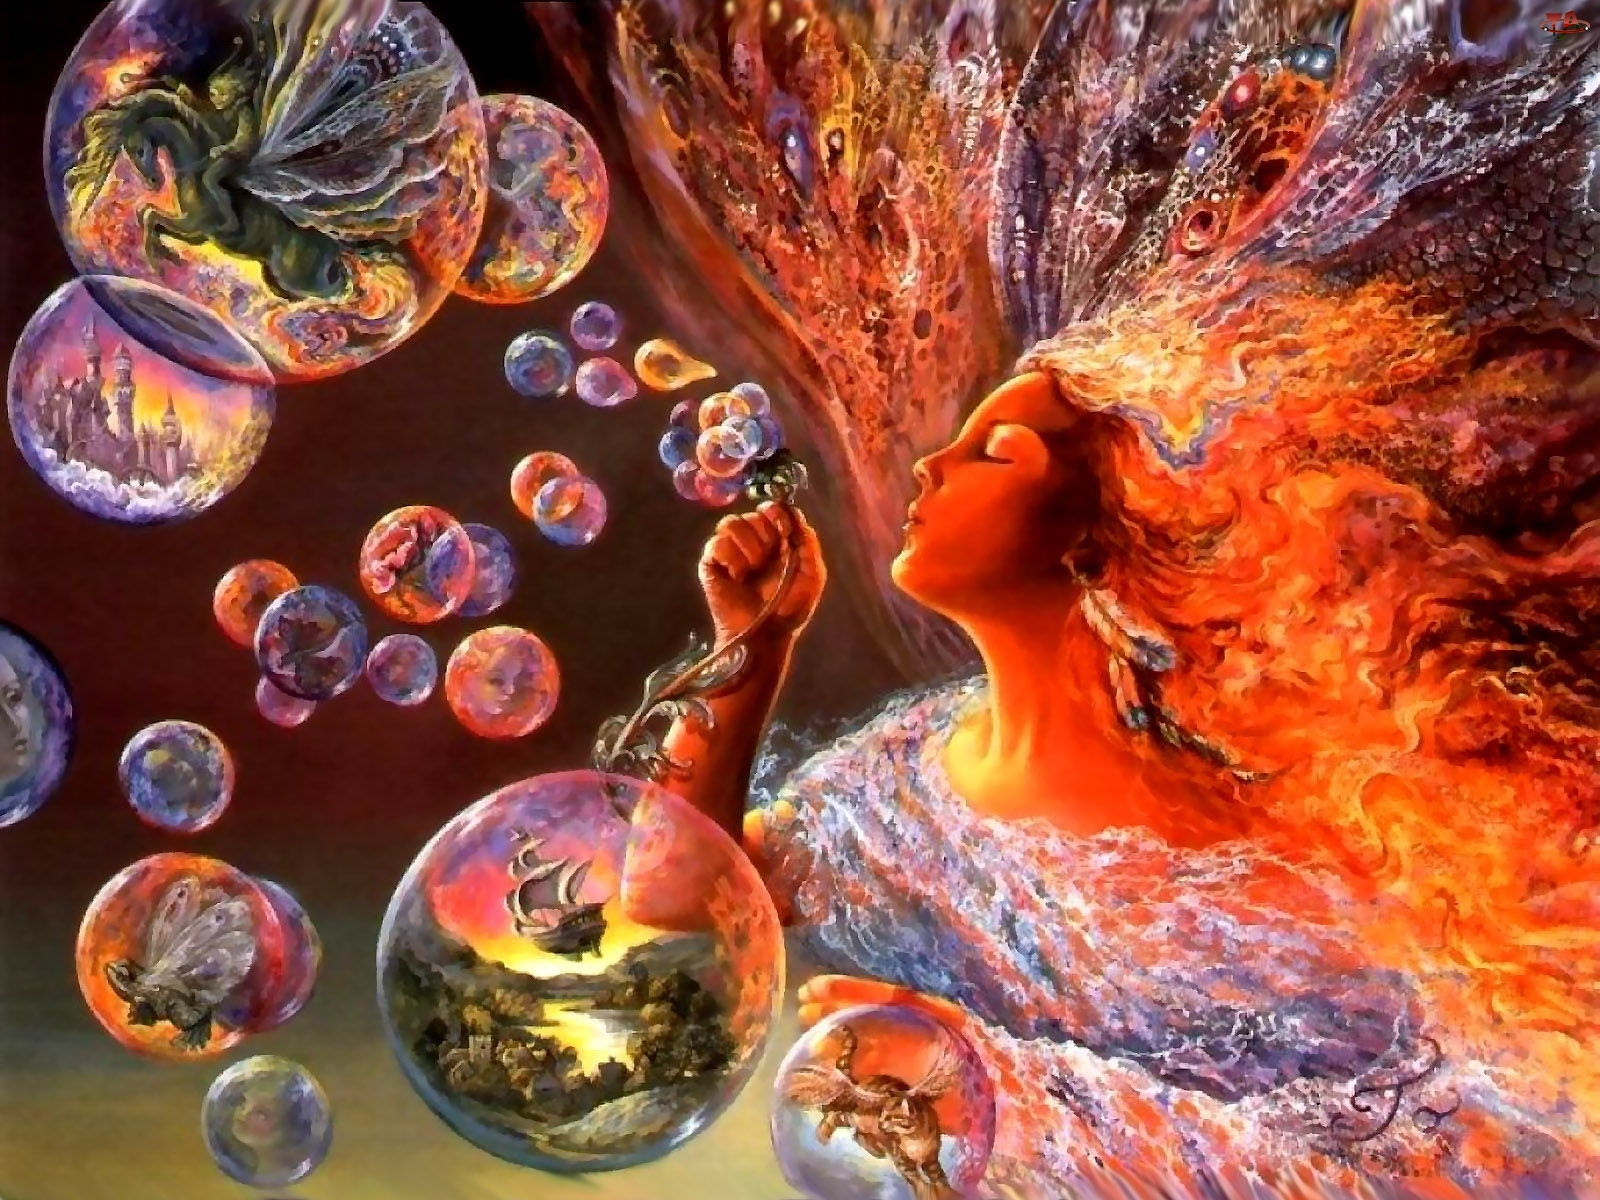 вечерняя медитация «Вдохновись»